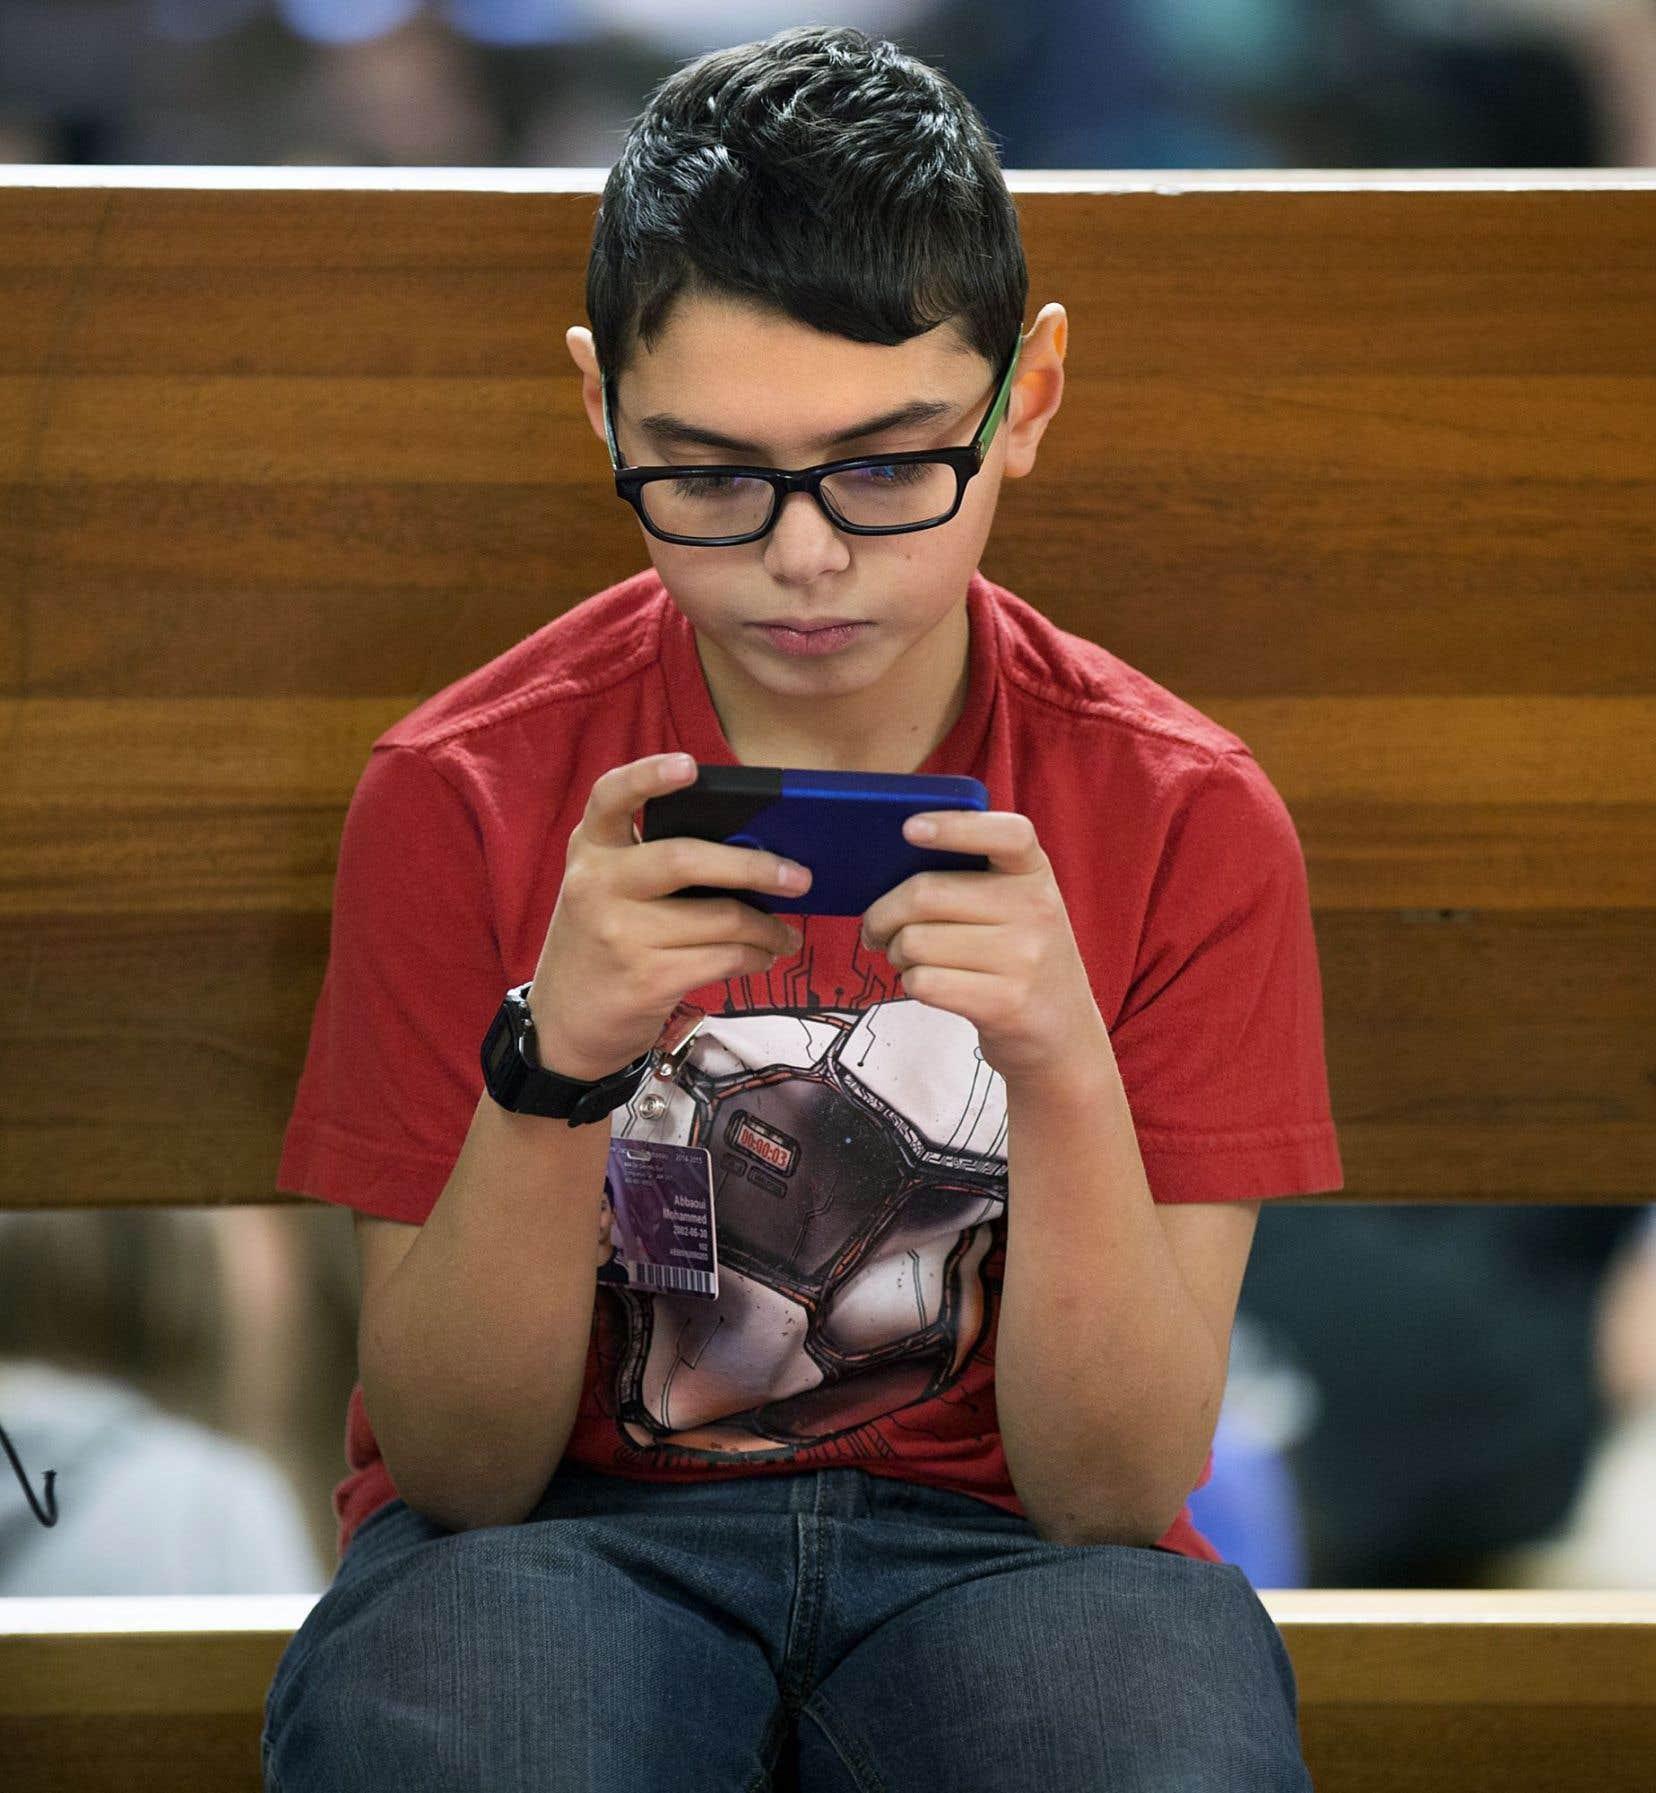 La cyberdépendance, qui touche deux jeunes Québécois sur trois, serait un facteur pouvant entraîner de la pauvreté relationnelle.